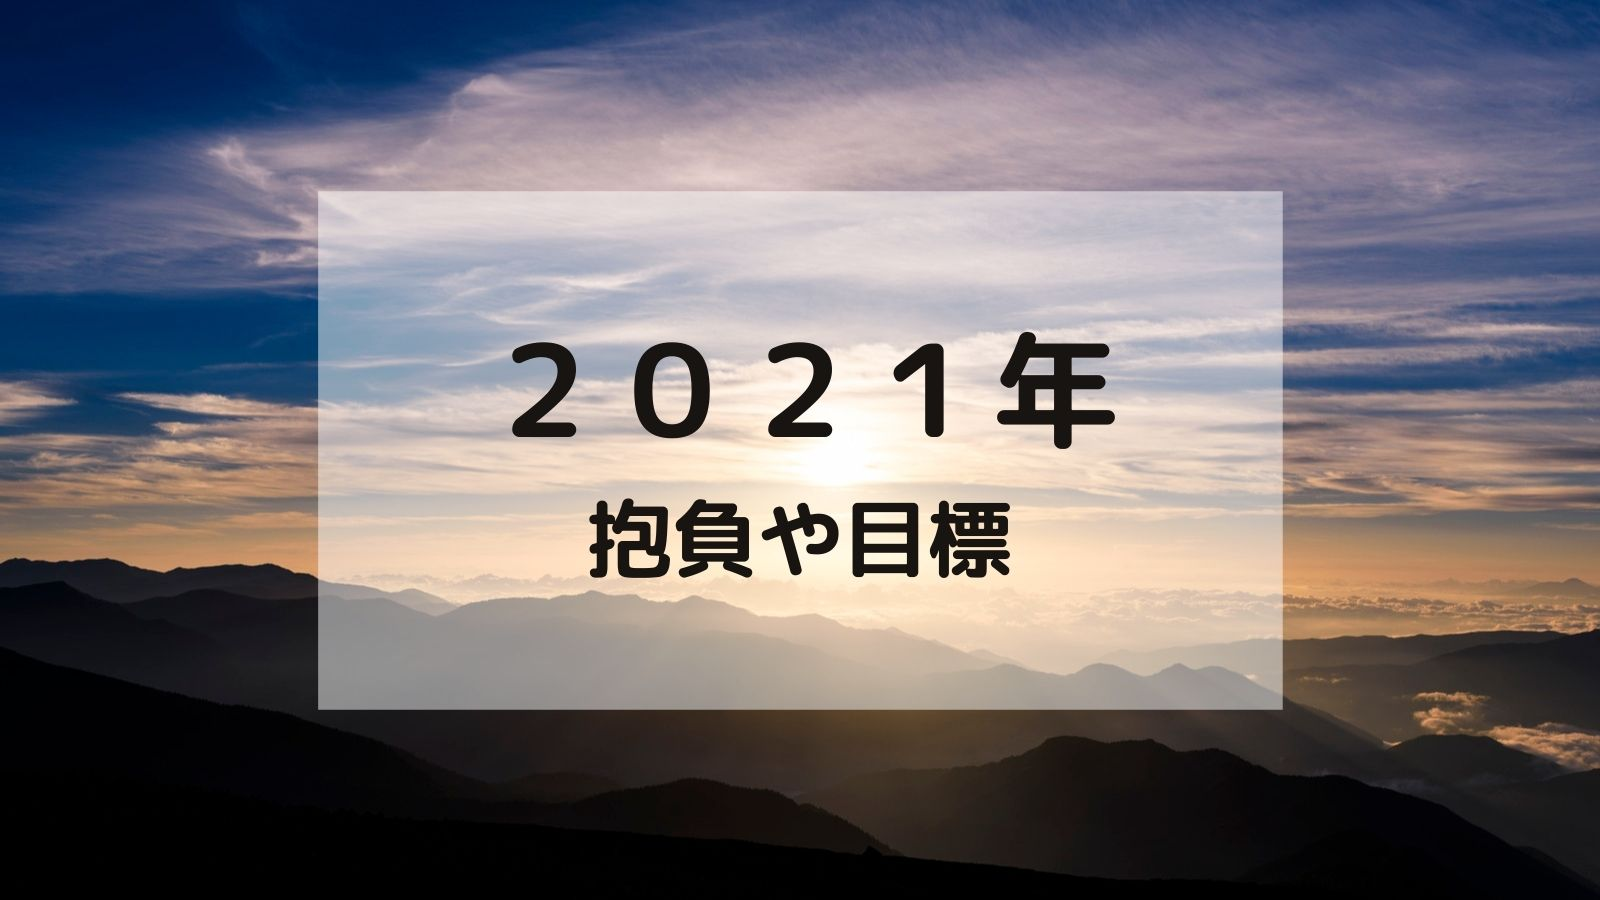 2021年の抱負や目標